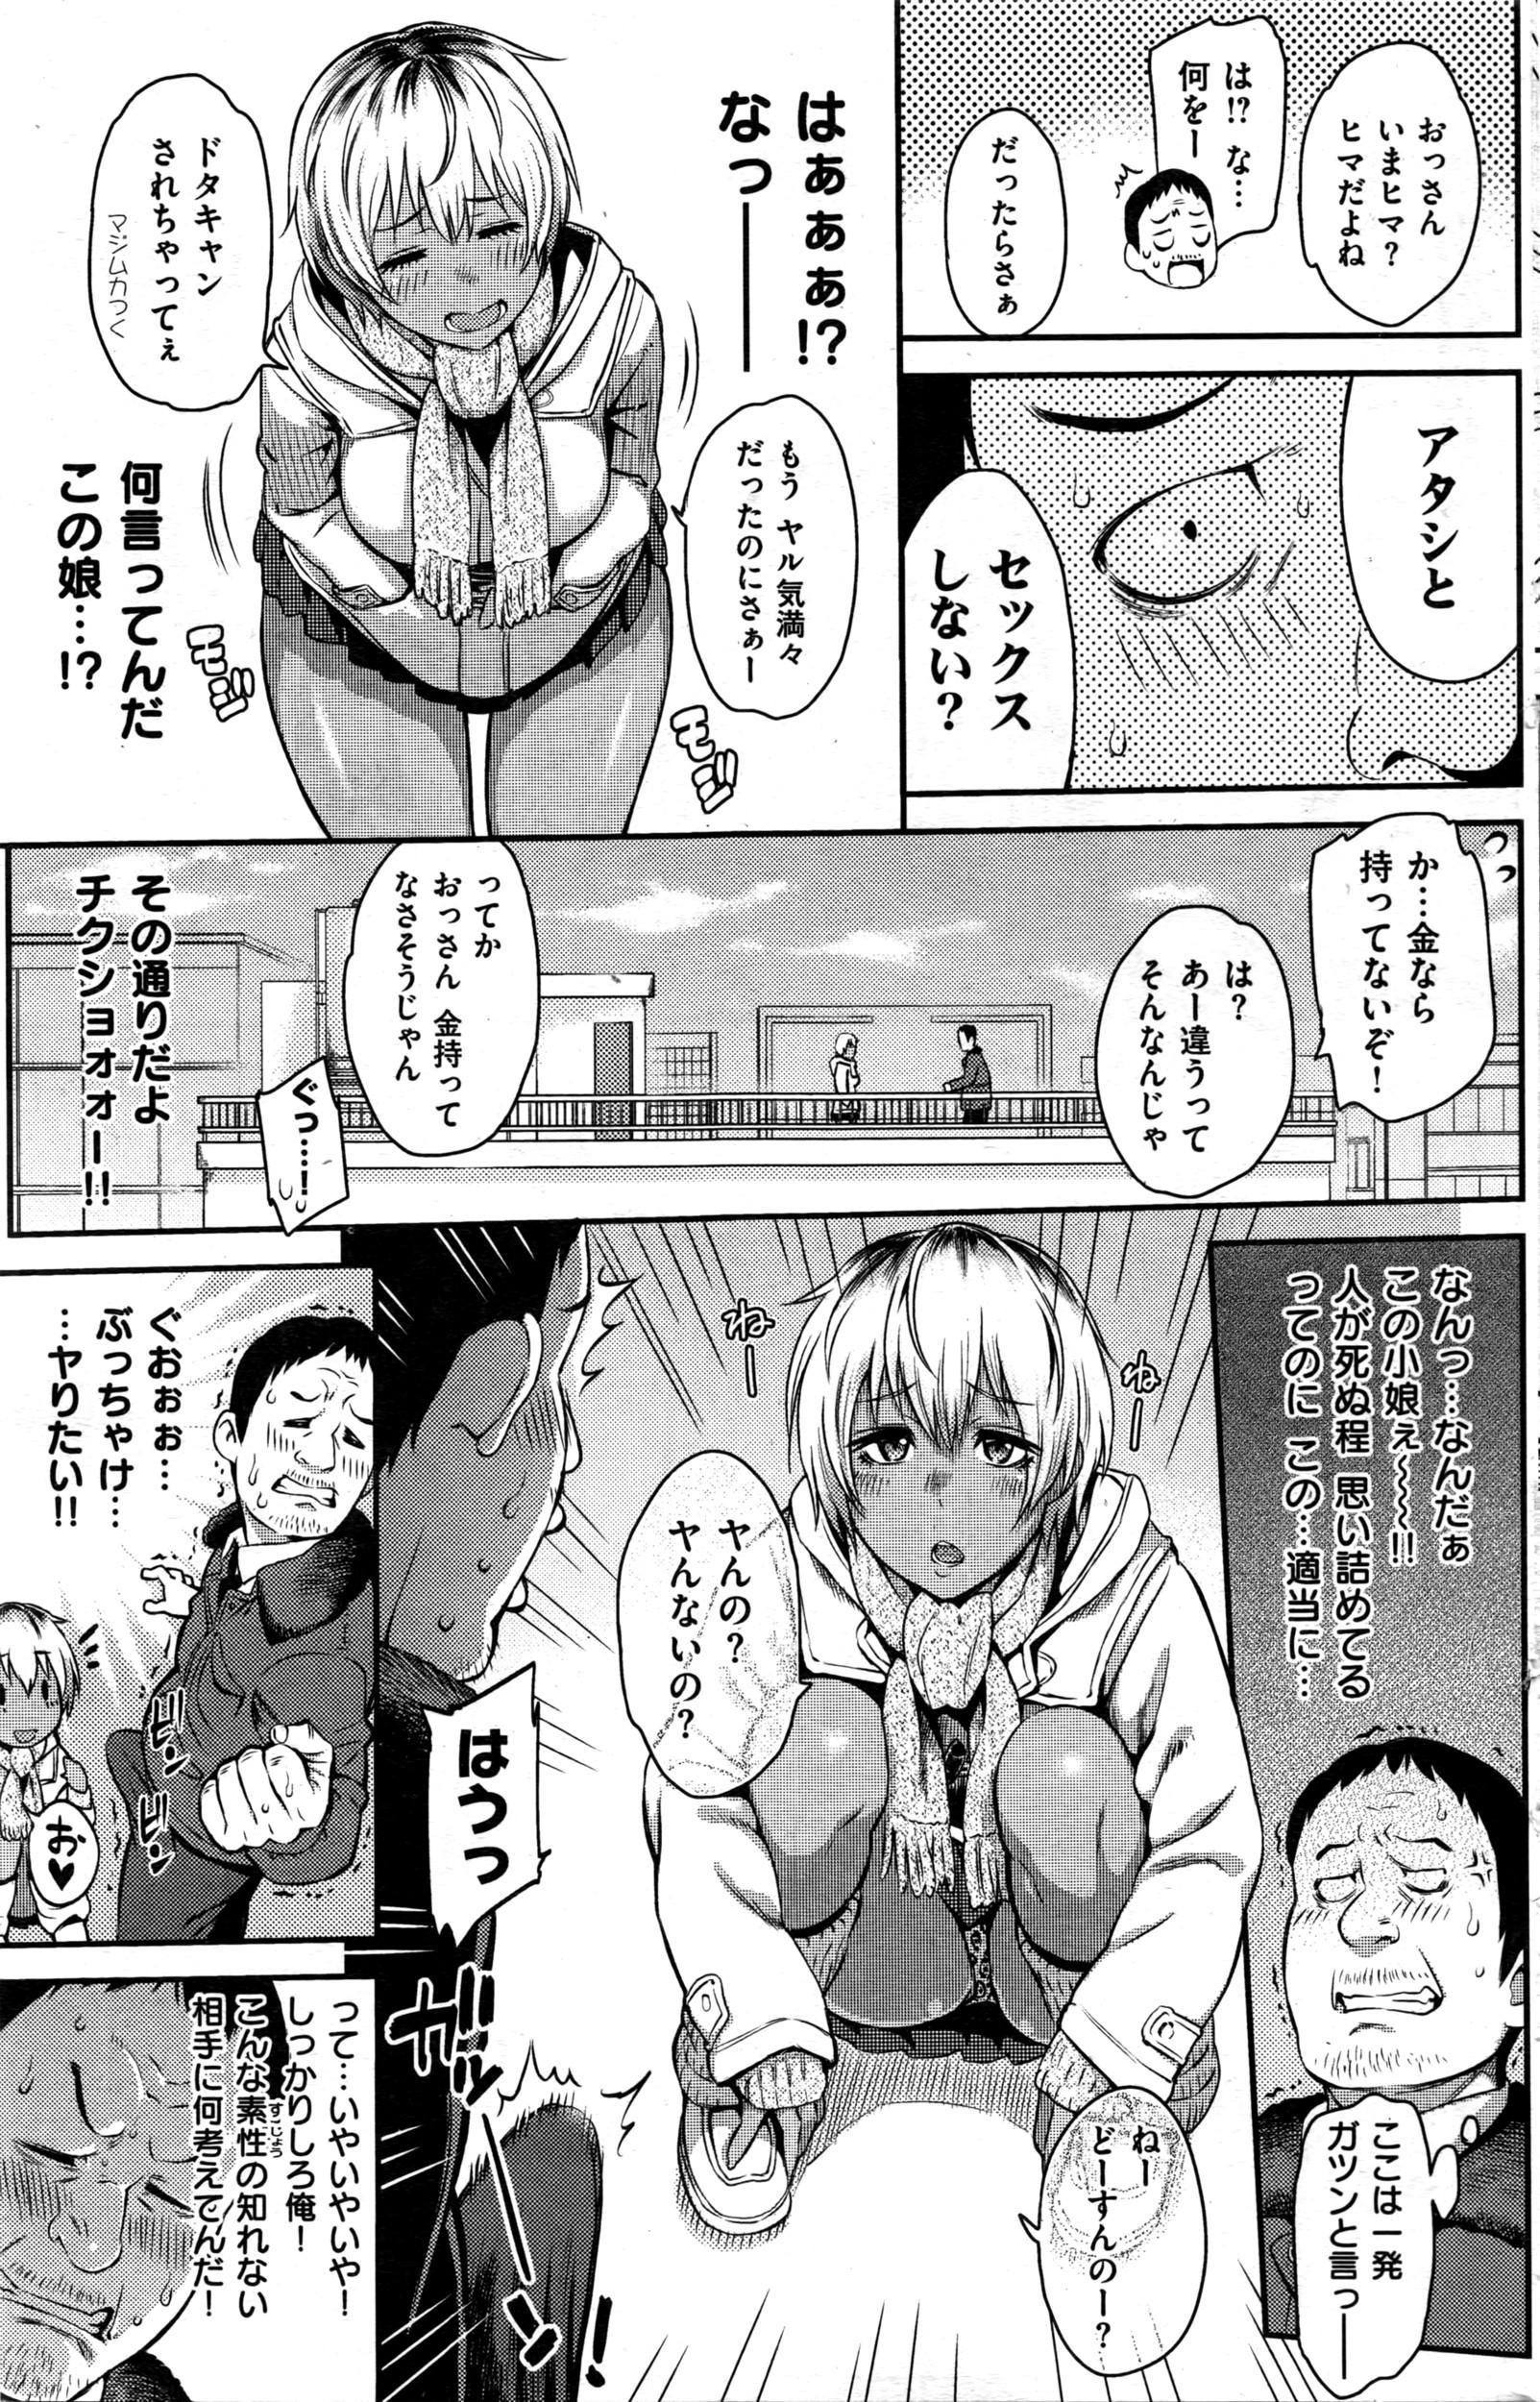 COMIC Kairakuten 2016-03 213